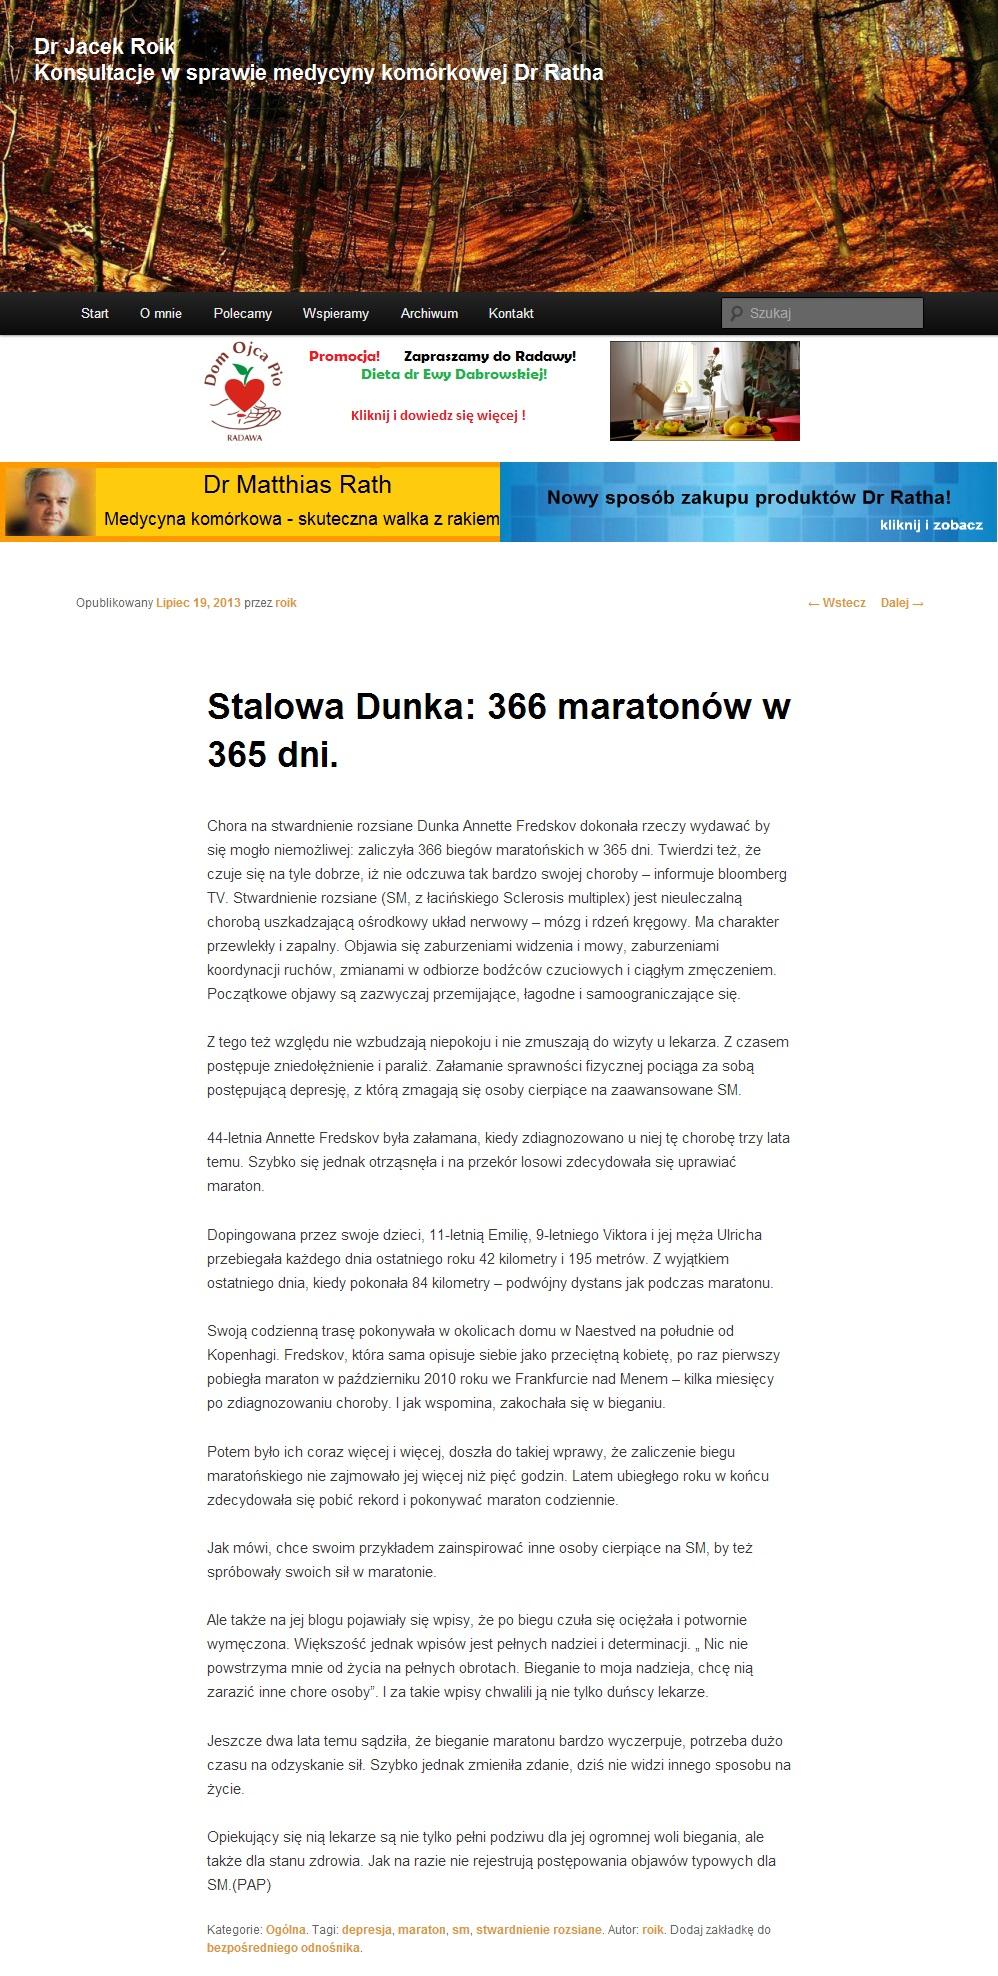 www.roik.pl 2013.07.19 polsk